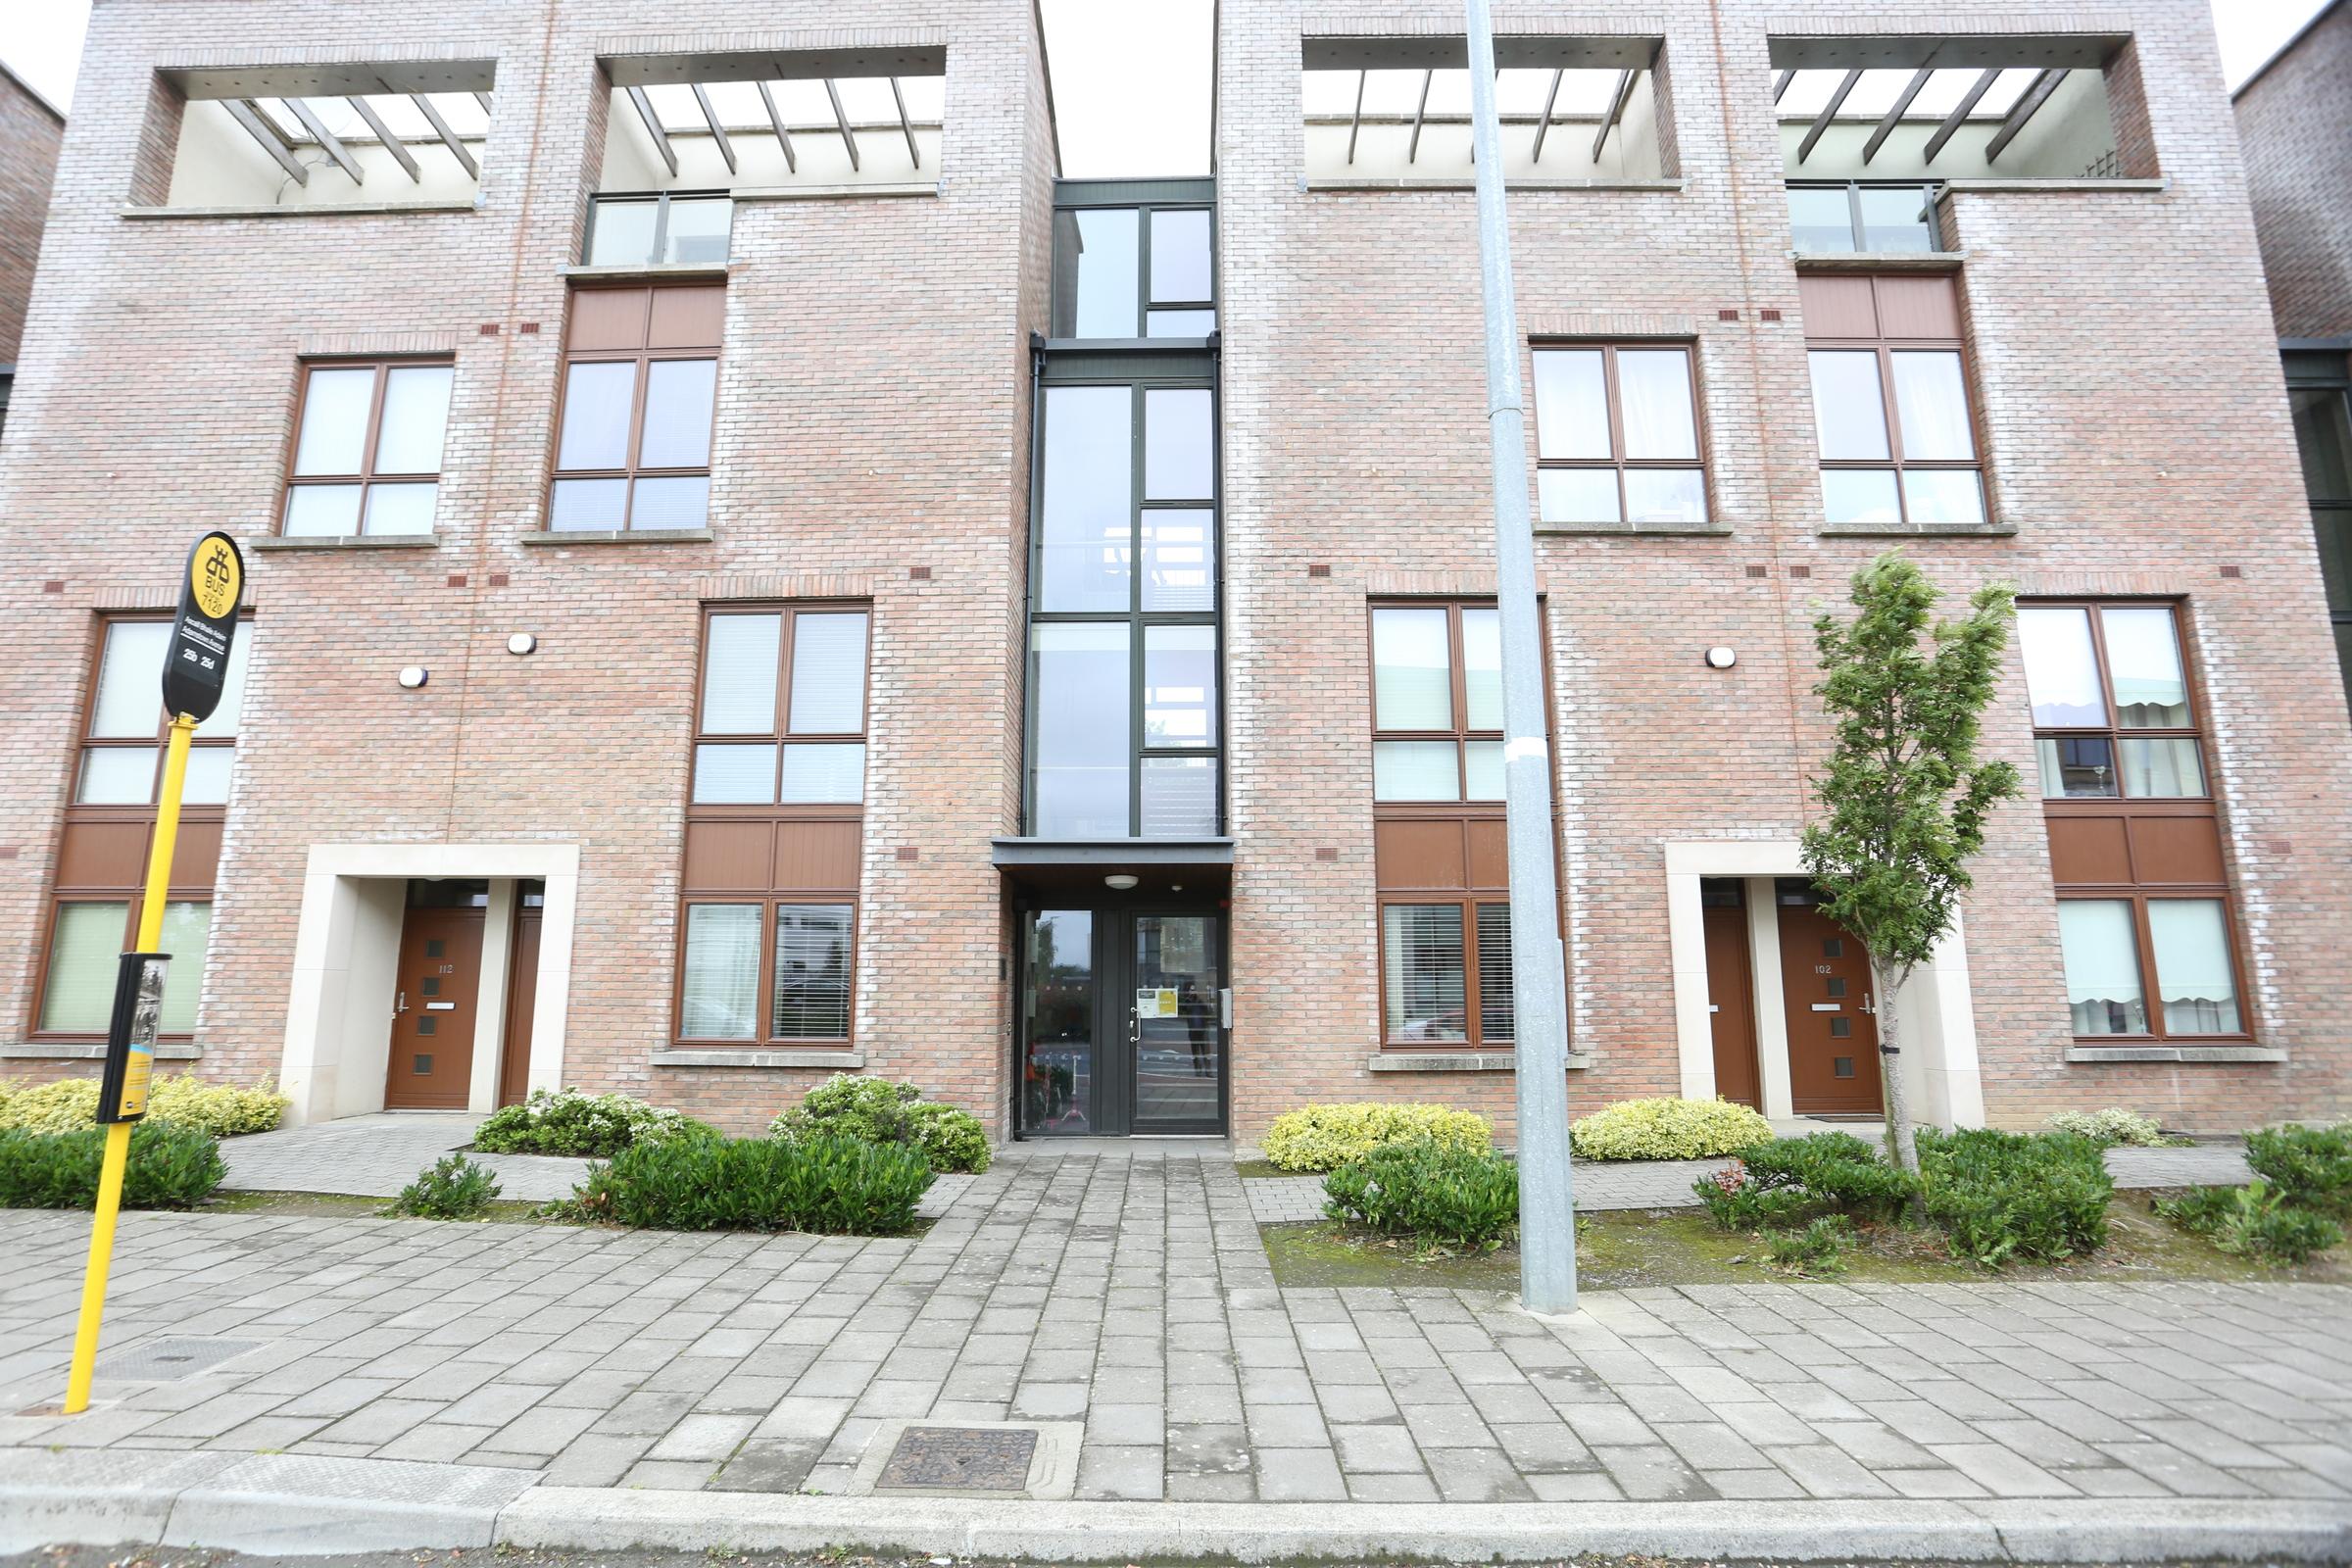 108 Adamstown Avenue, Adamstown, Lucan, Co. Dublin